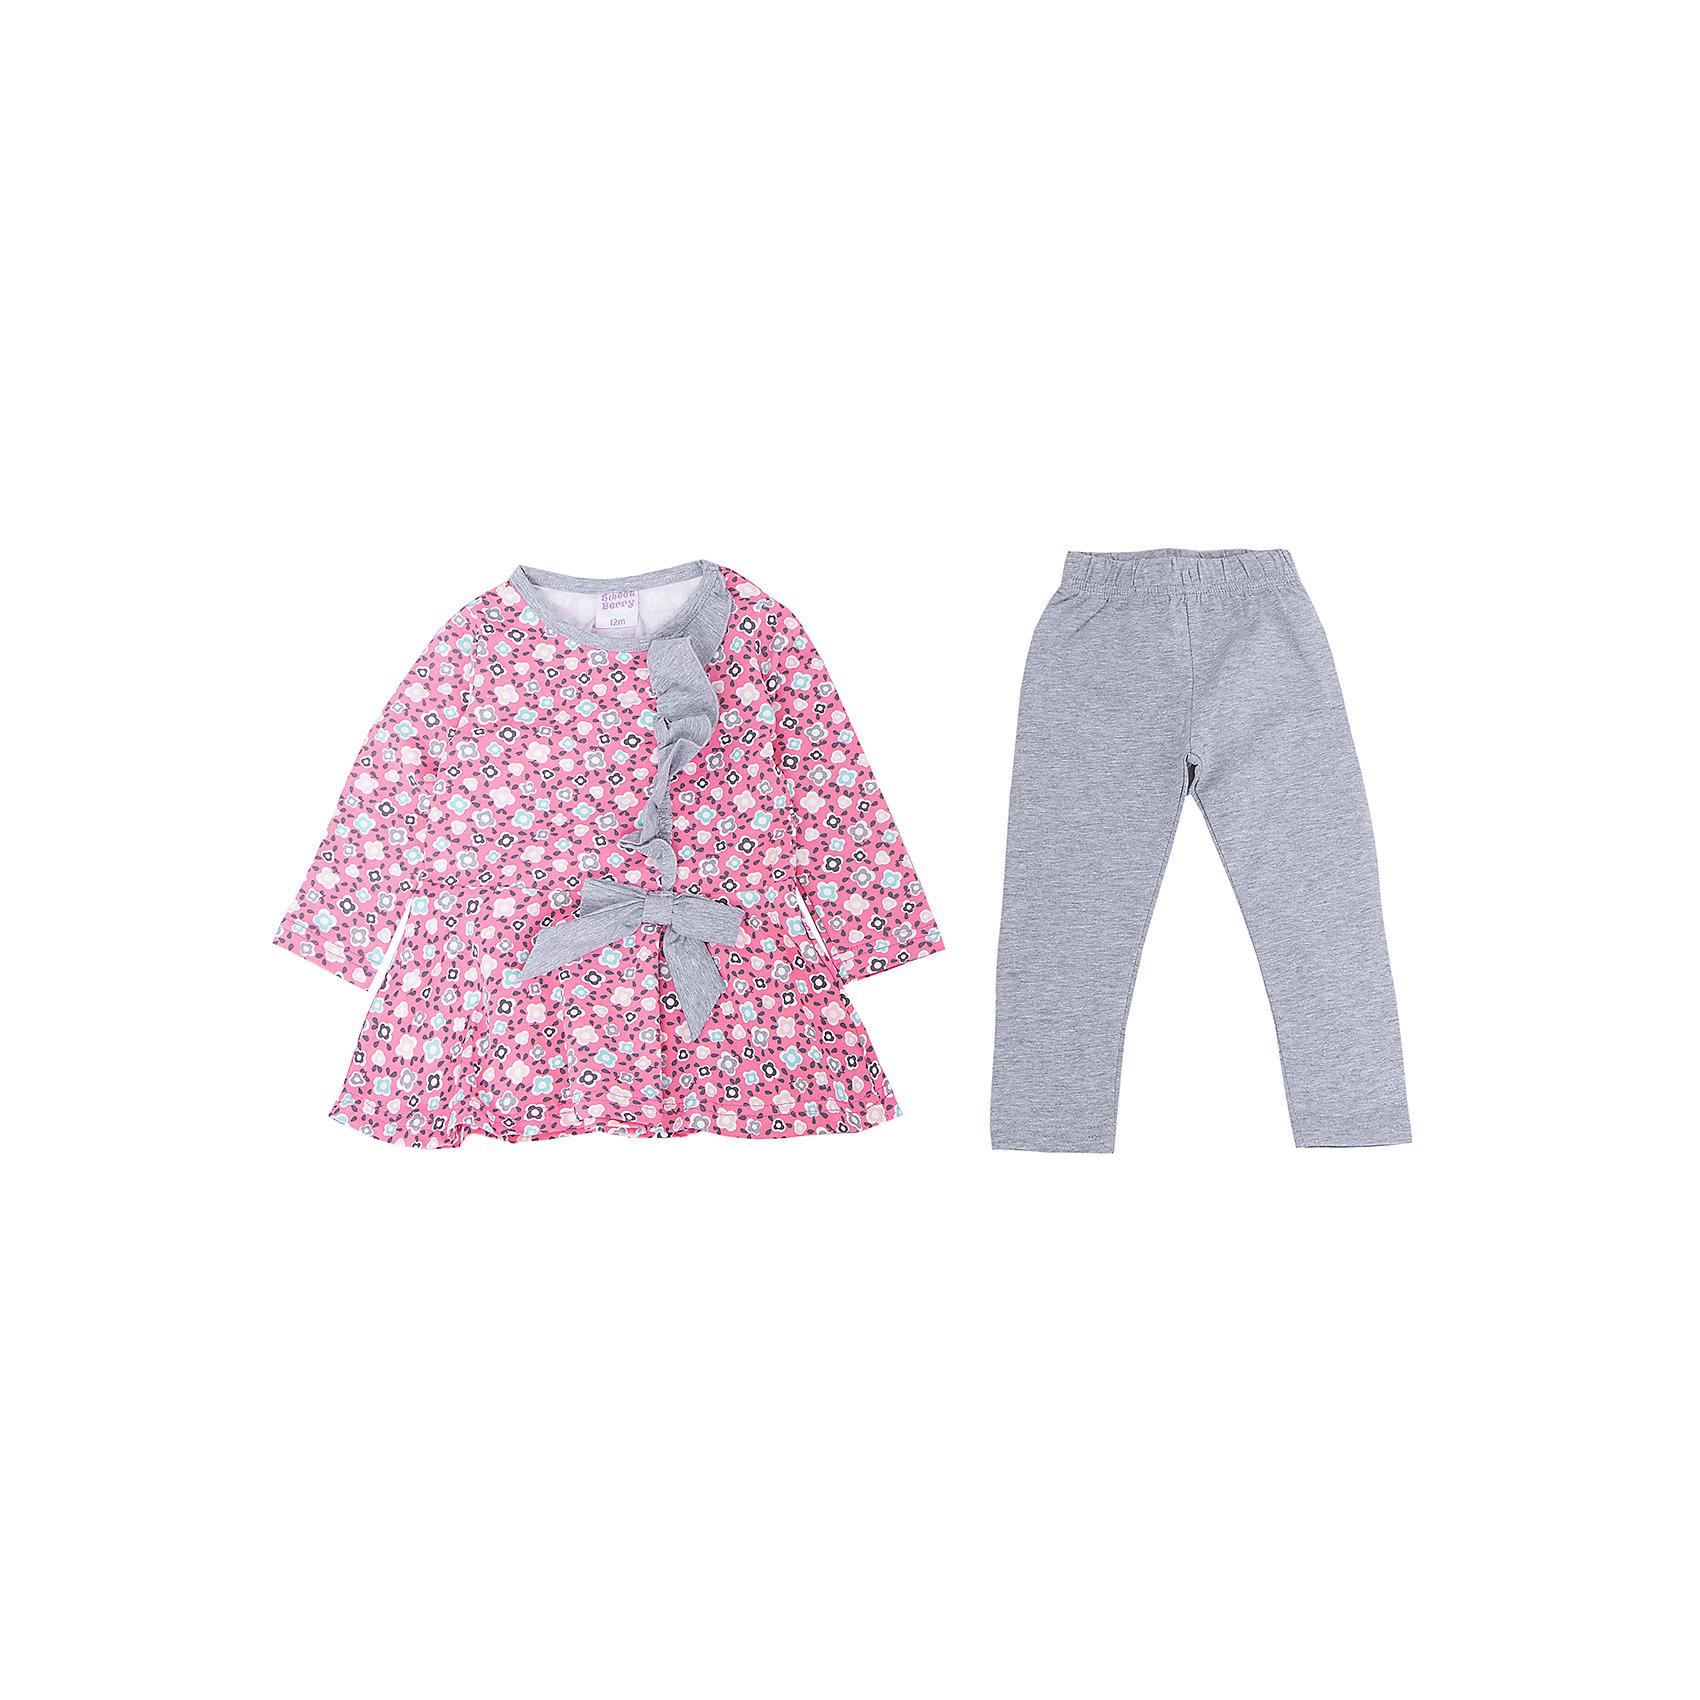 Комплект для девочки: платье и леггинсы Sweet BerryТакое платье с леггинсами отличается модным дизайном с ярким принтом. Удачный крой обеспечит ребенку комфорт и тепло. Плотный материал делает вещи идеальными для прохладной погоды. Они хорошо прилегают к телу там, где нужно, и отлично сидят по фигуре. Натуральный хлопок в составе ткани обеспечит коже возможность дышать и не вызовет аллергии.<br>Одежда от бренда Sweet Berry - это простой и выгодный способ одеть ребенка удобно и стильно. Всё изделия тщательно проработаны: швы - прочные, материал - качественный, фурнитура - подобранная специально для детей.<br><br>Дополнительная информация:<br><br>цвет: розовый;<br>материал: 95% хлопок, 5% эластан;<br>платье декорировано принтом и воланом.<br><br>Комплект для девочки: платье и леггинсы от бренда Sweet Berry можно купить в нашем интернет-магазине.<br><br>Ширина мм: 236<br>Глубина мм: 16<br>Высота мм: 184<br>Вес г: 177<br>Цвет: розовый<br>Возраст от месяцев: 18<br>Возраст до месяцев: 24<br>Пол: Женский<br>Возраст: Детский<br>Размер: 92,98,80,86<br>SKU: 4931193